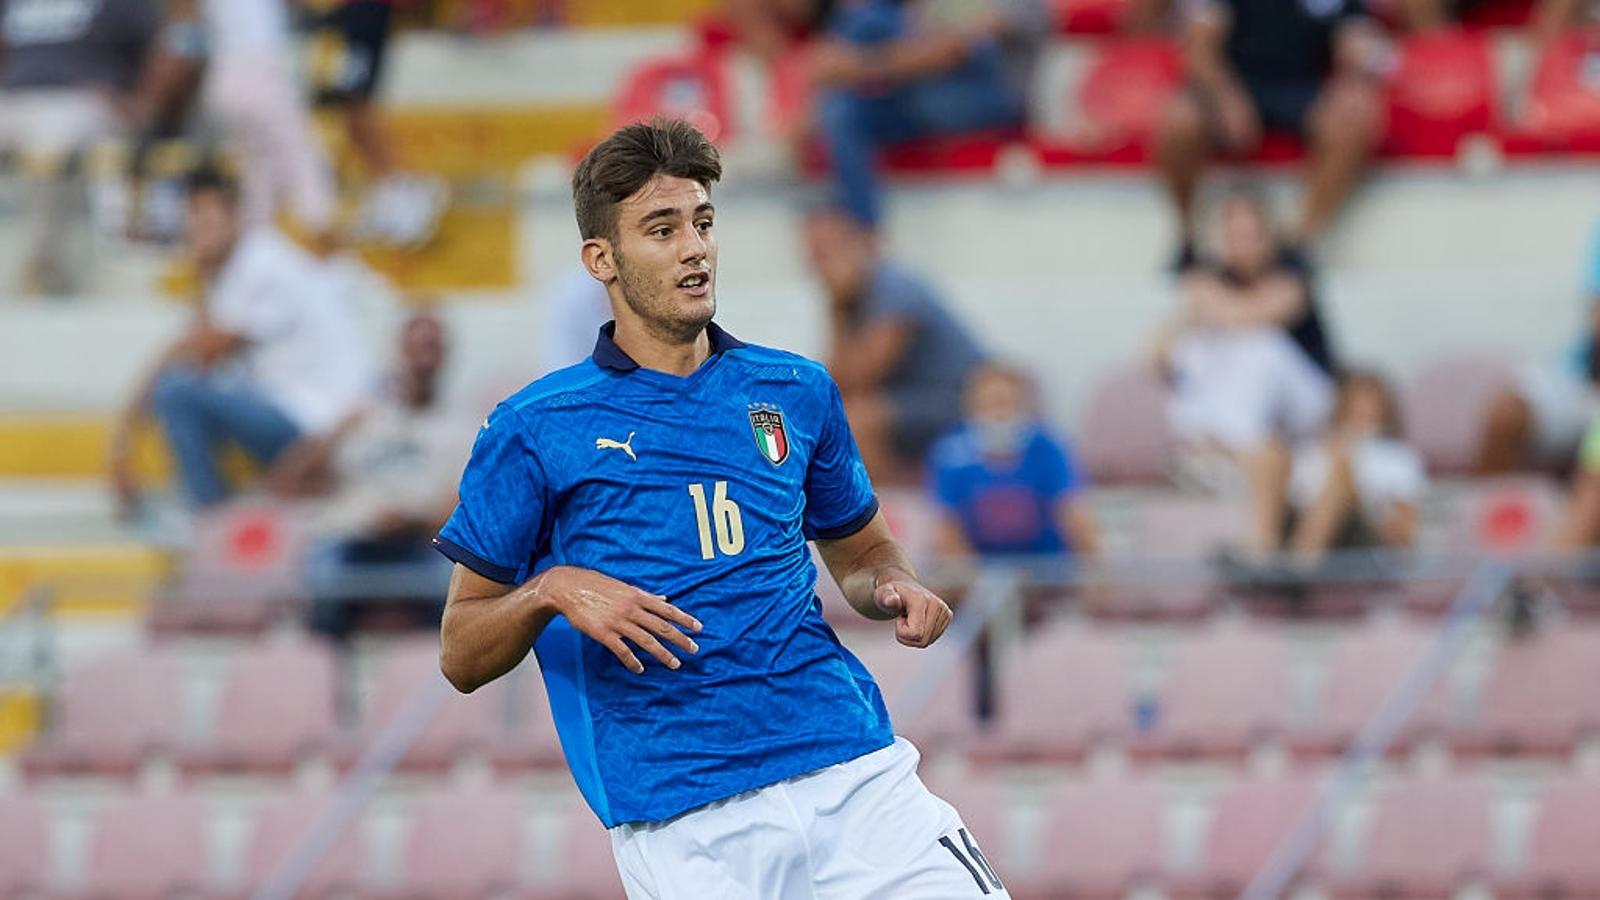 Lucca piace a Inter, Milan e Napoli ma ct U.21 lo ridimensiona |  Sport e Vai